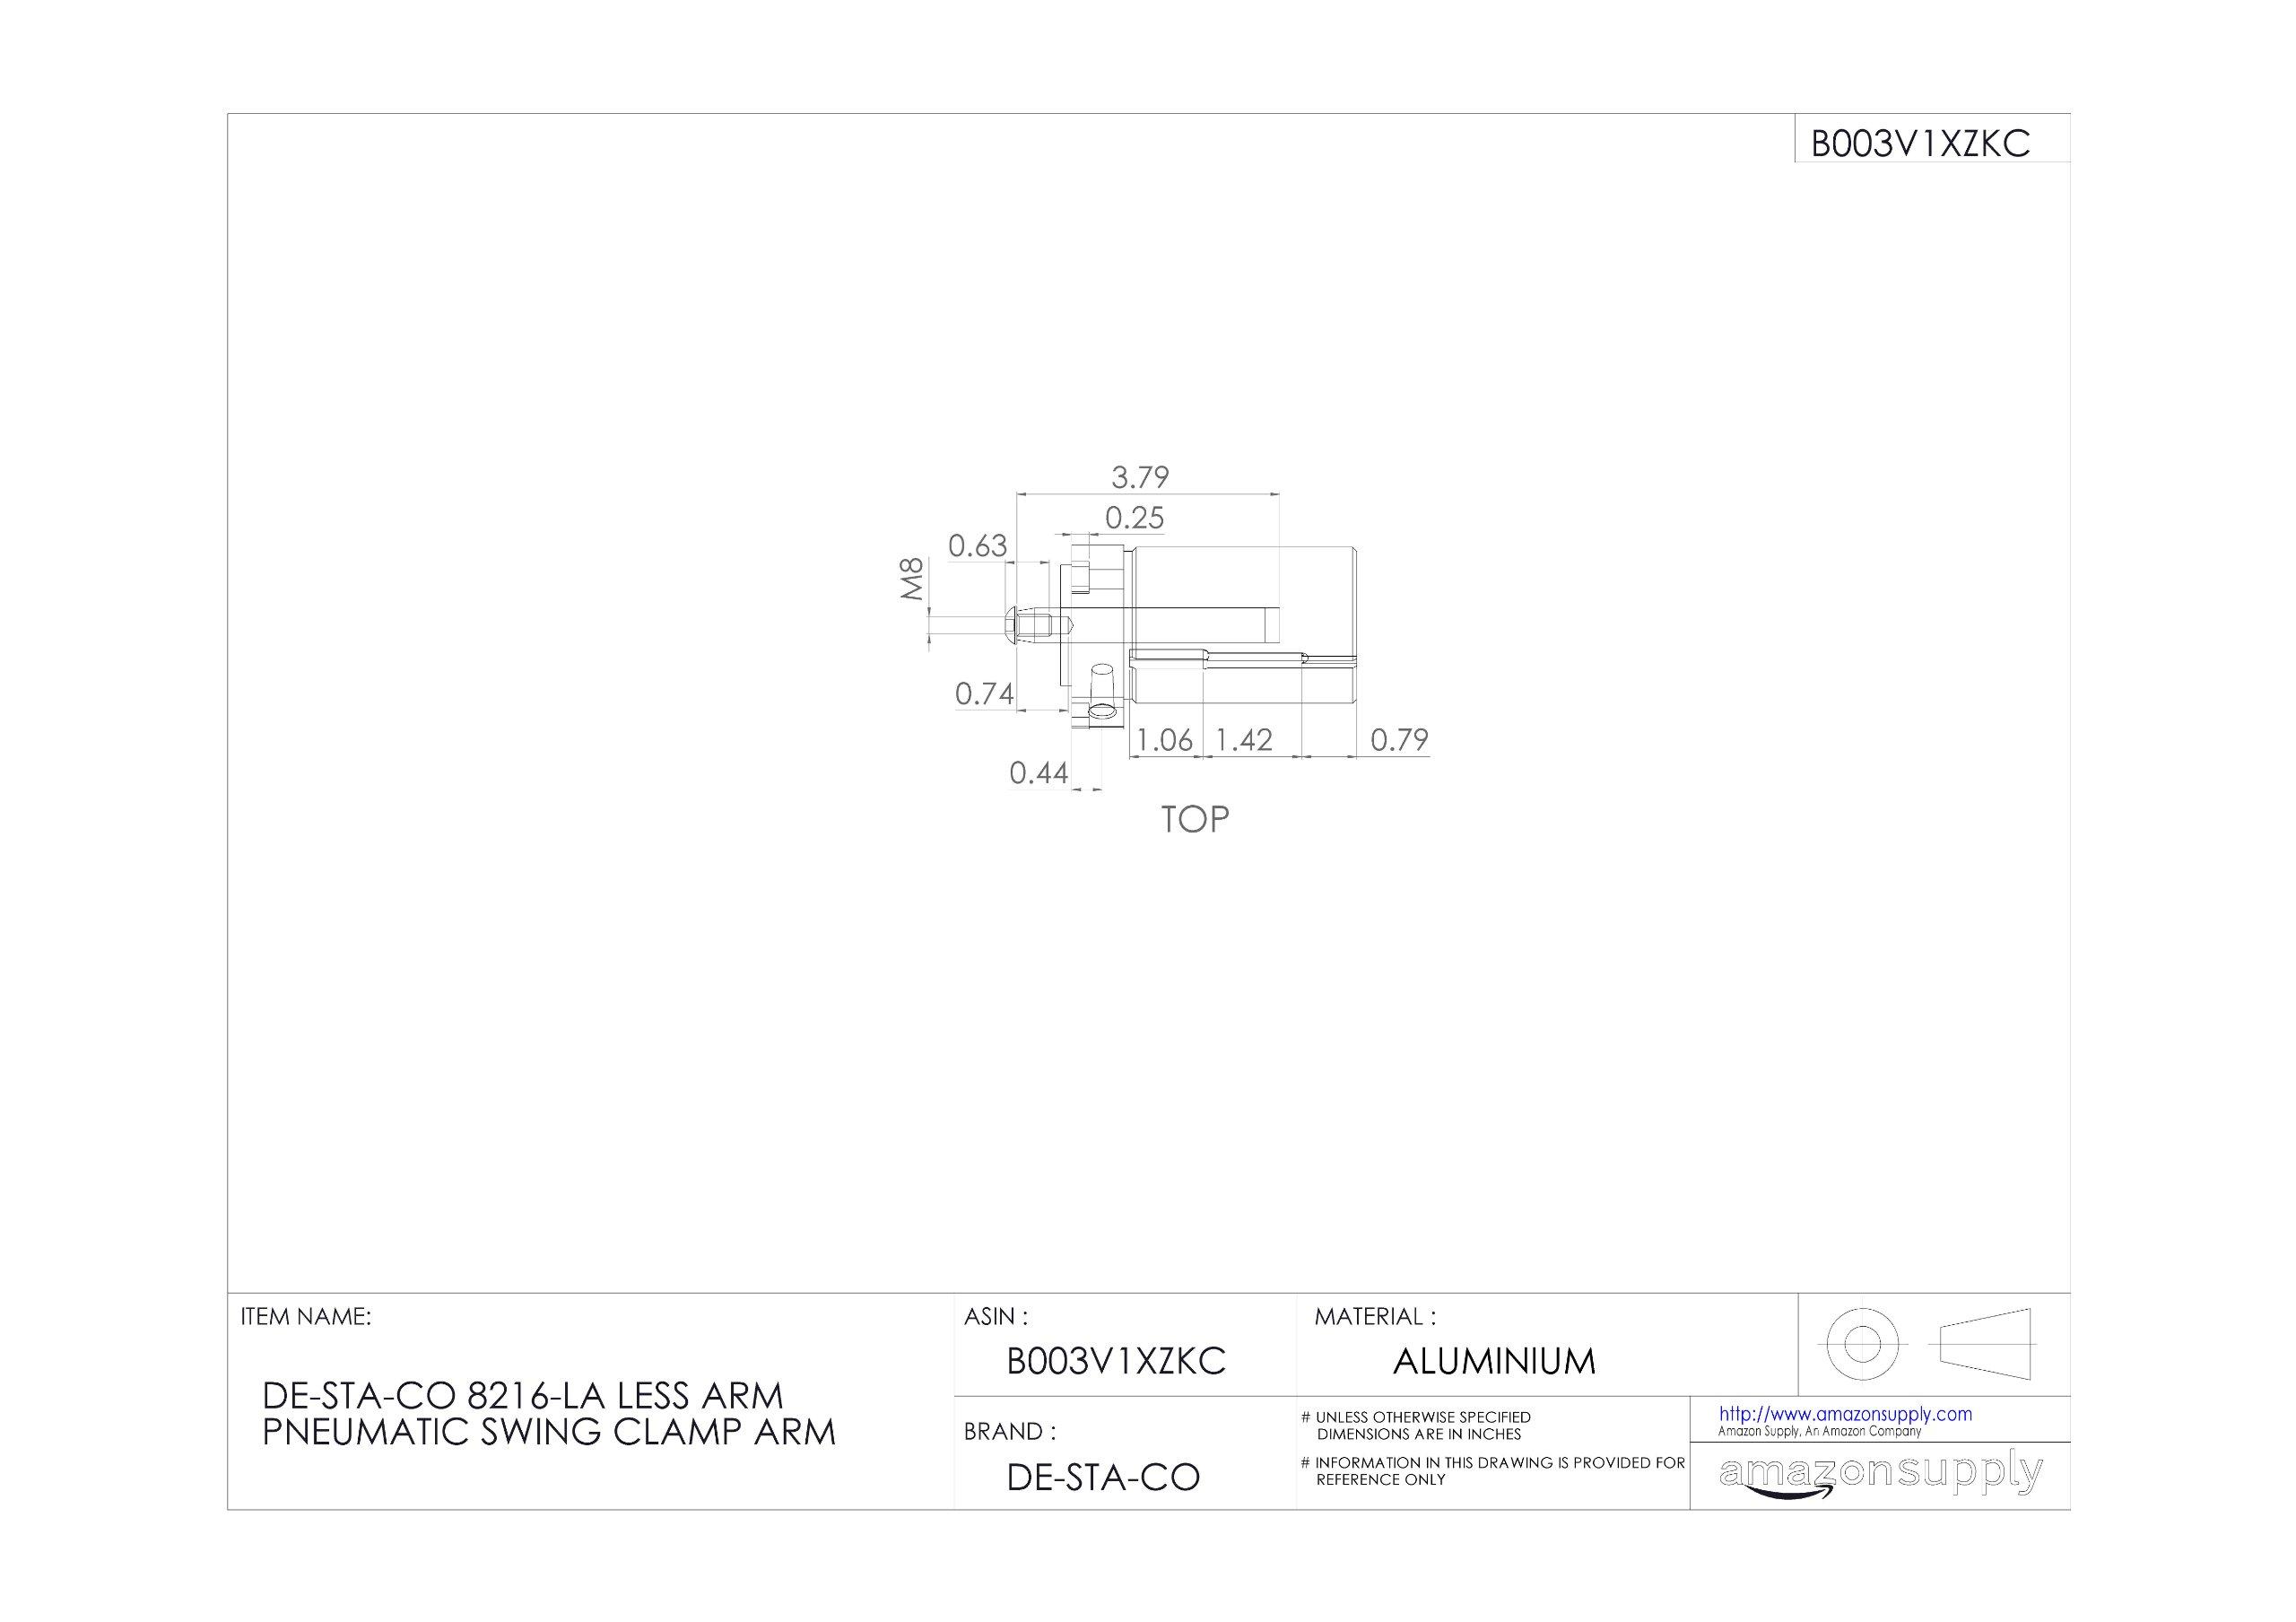 DE-STA-CO 8216-LA Less Arm Pneumatic Swing Clamp Arm by De-Sta-Co